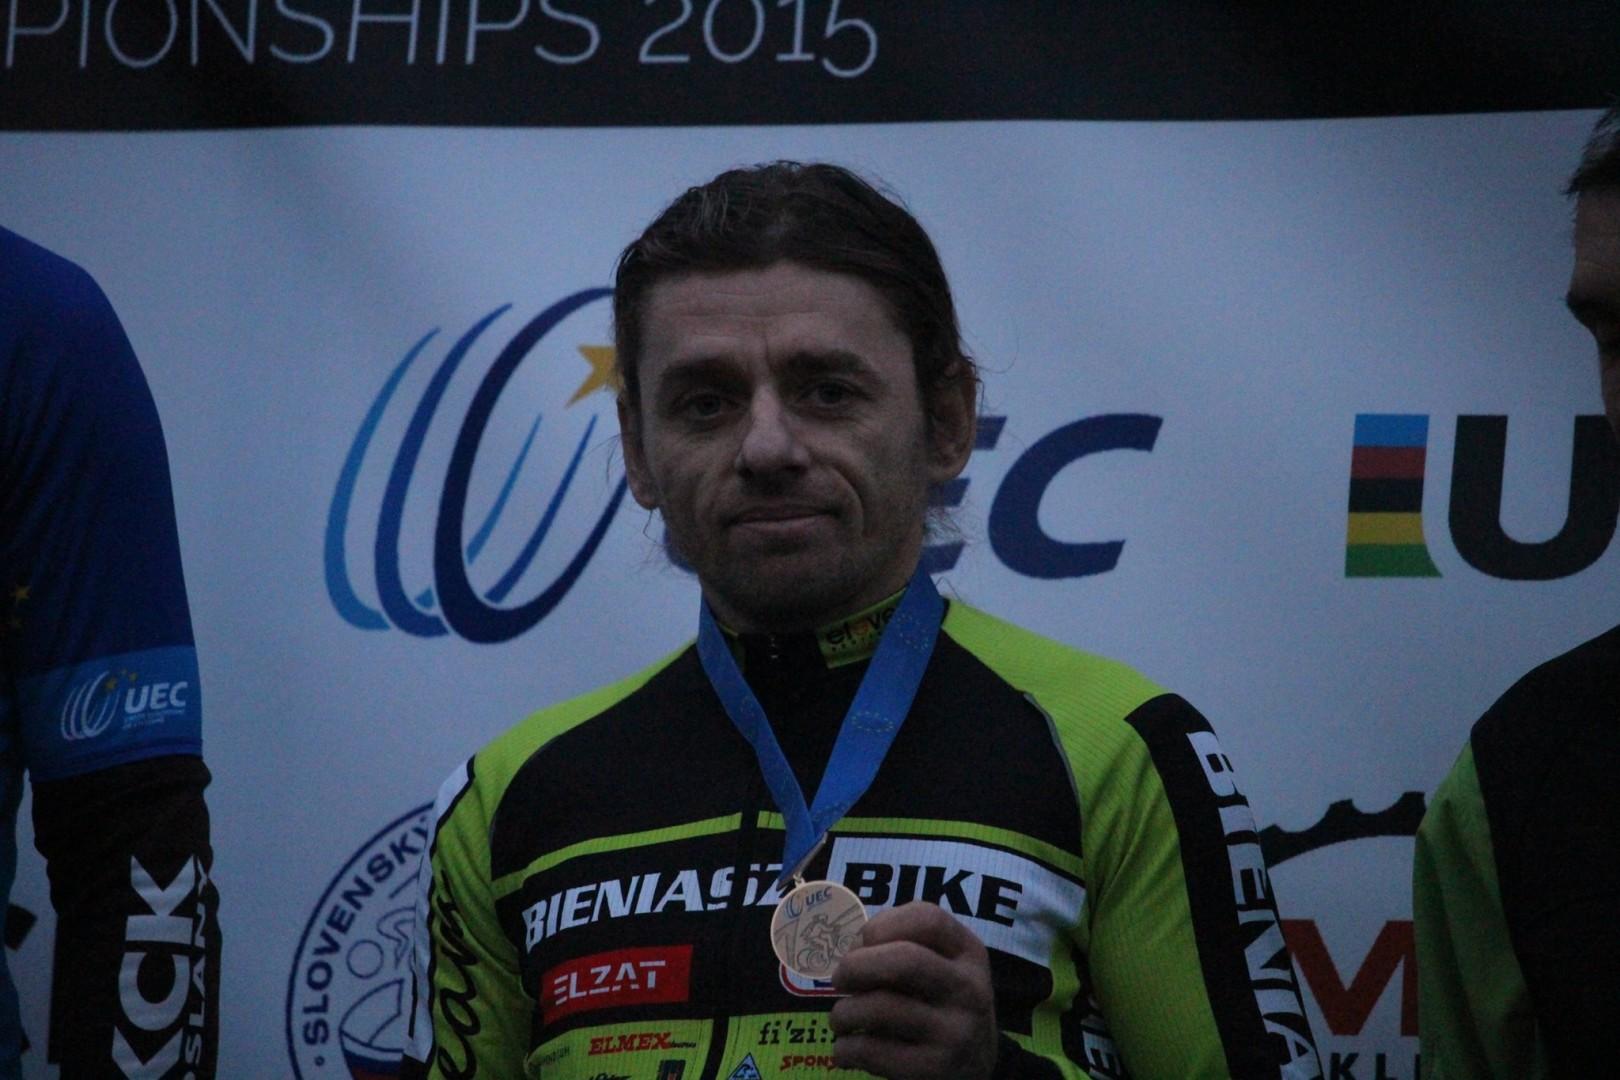 Mirosław Bieniasz (KCP Elzat Bieniasz Bike) – Mistrzostwa Europy CX Masters – Trnava, Słowacja